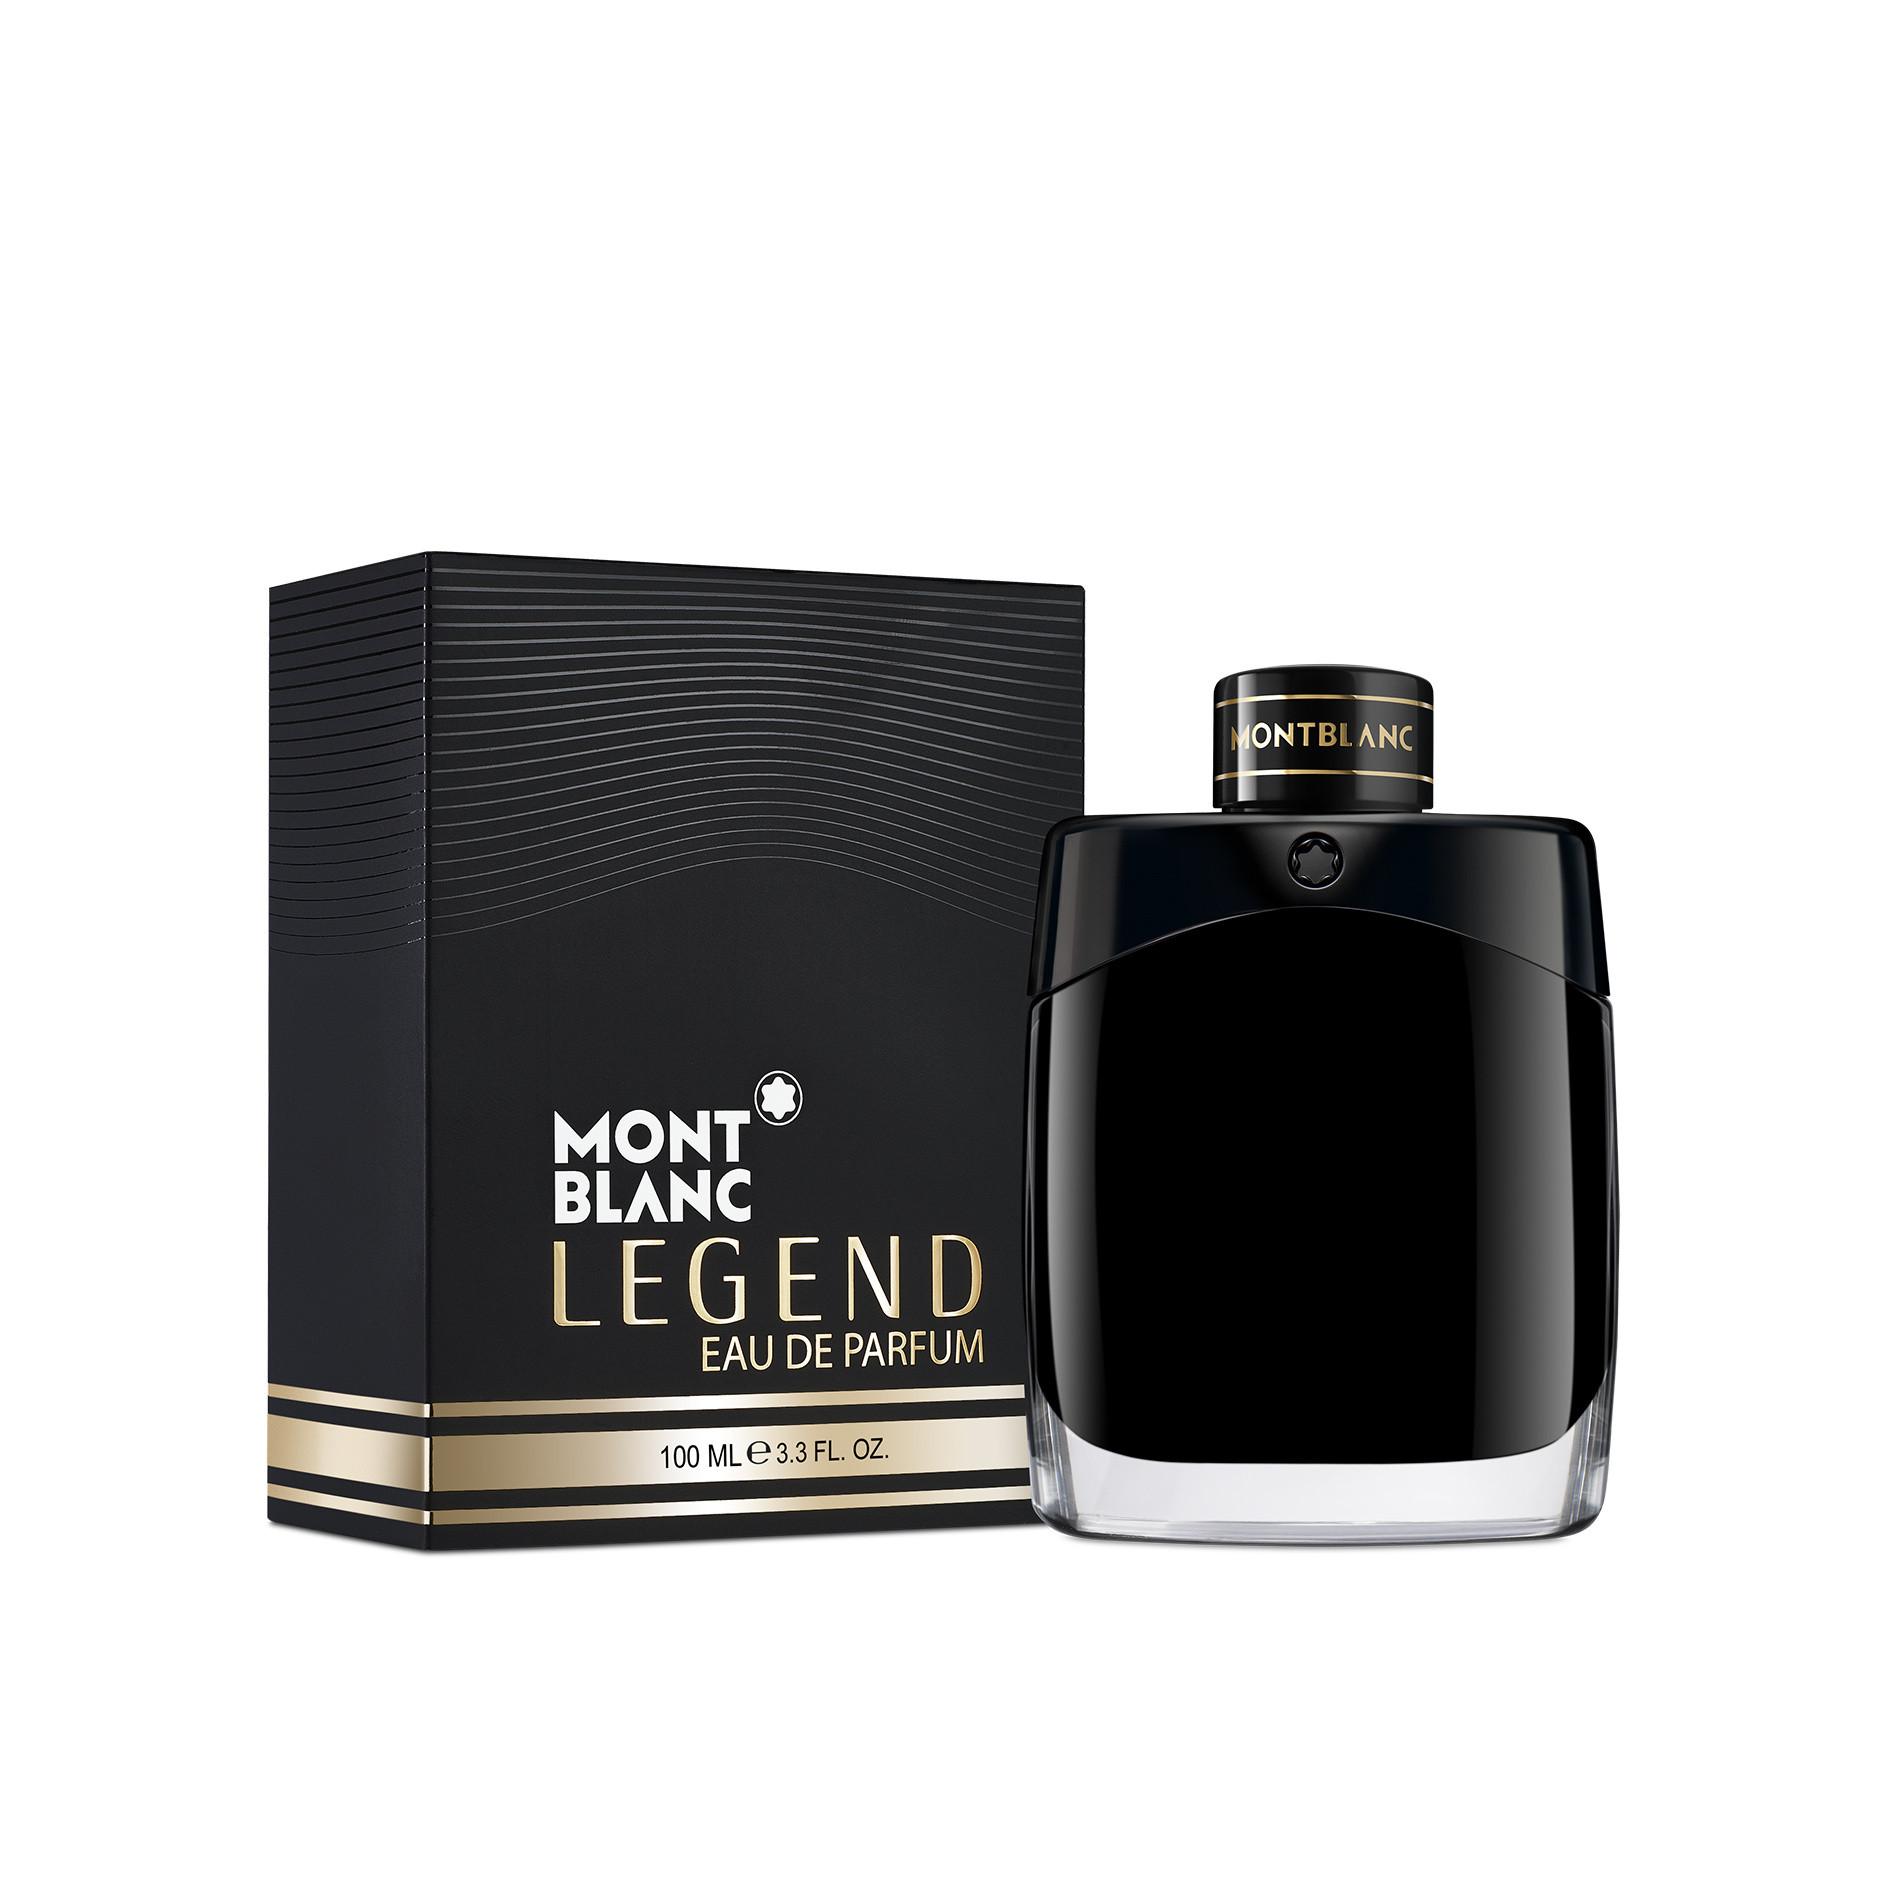 Montblanc Legend Edp 100 ml, Nero, large image number 1